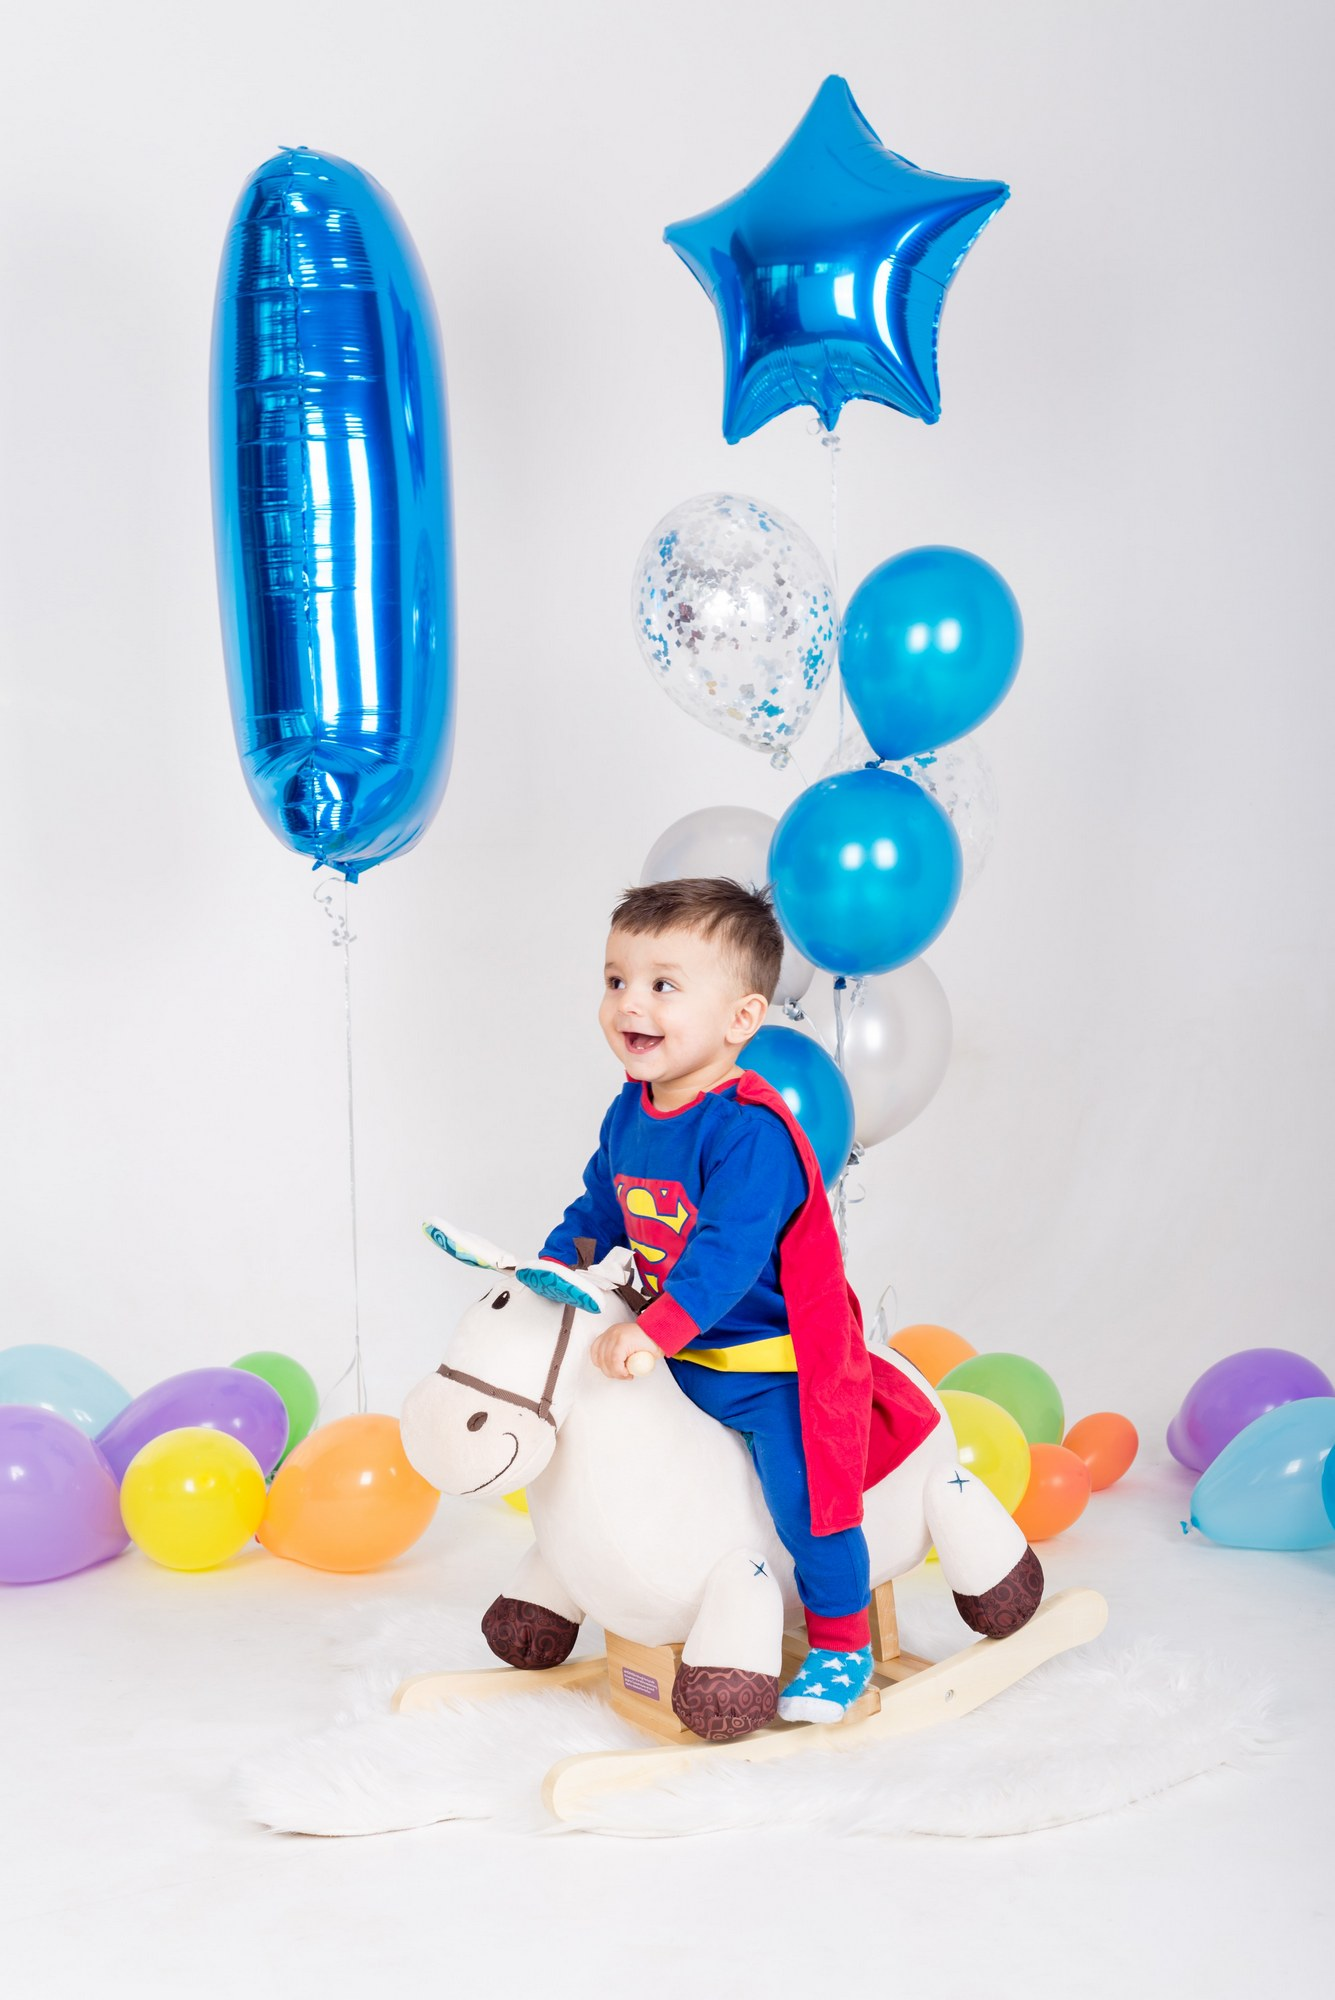 Детская фотосессия на день рождения 1 год